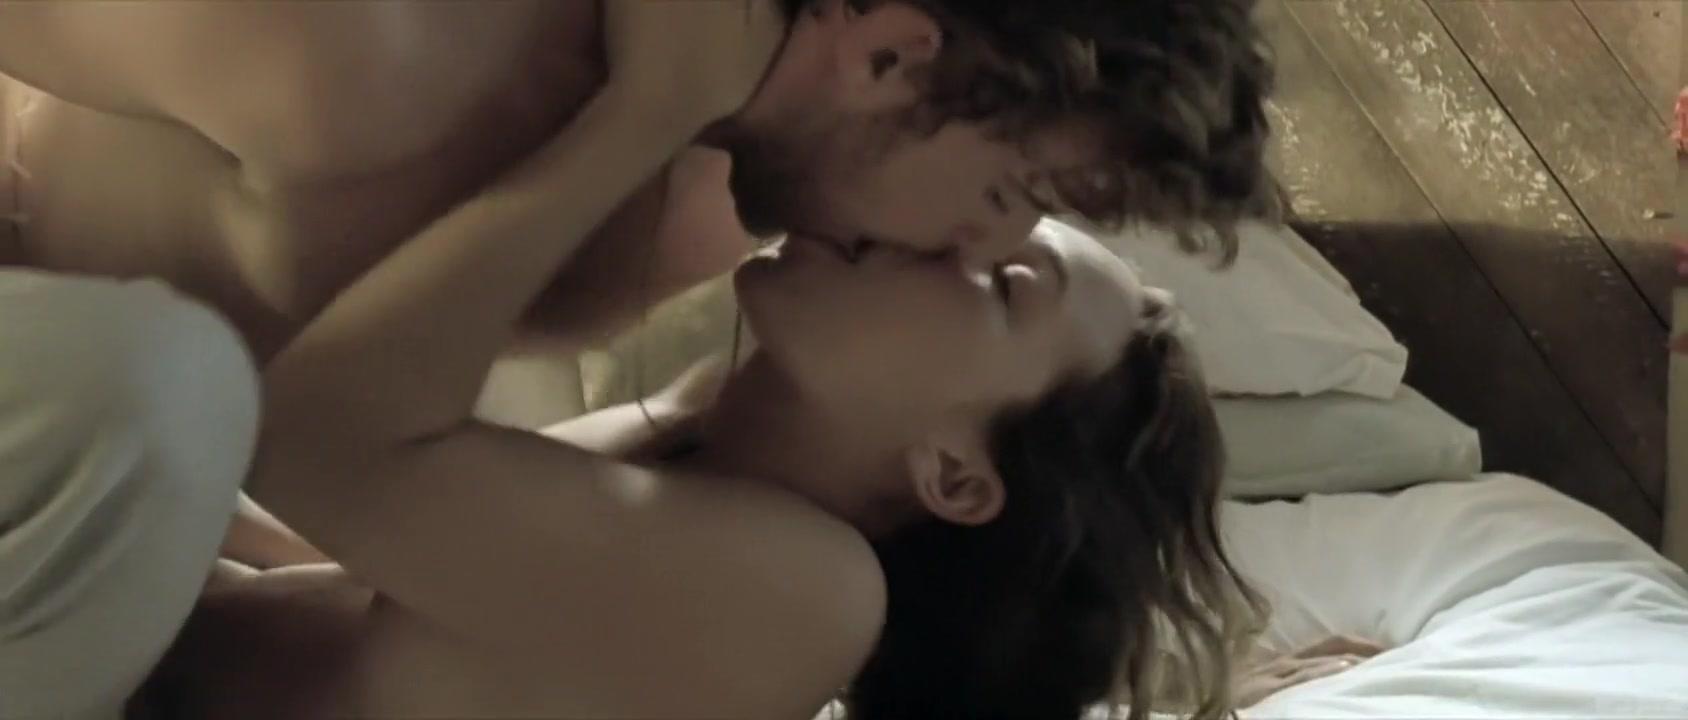 Good Video 18+ Gabriela bo reproduccion asexual